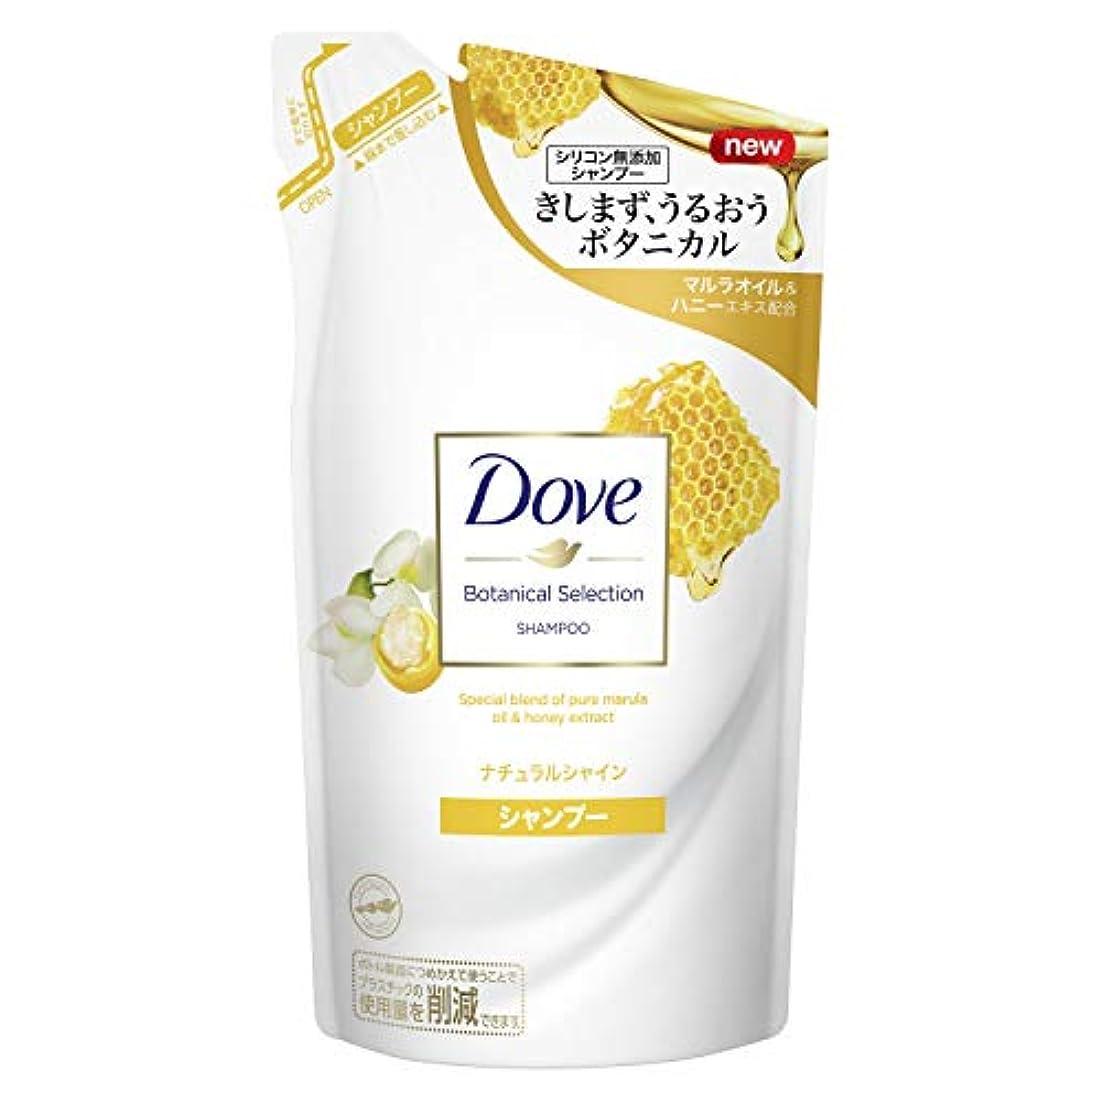 Dove(ダヴ) ダヴ ボタニカルセレクション ナチュラルシャイン シャンプー つめかえ用 350g